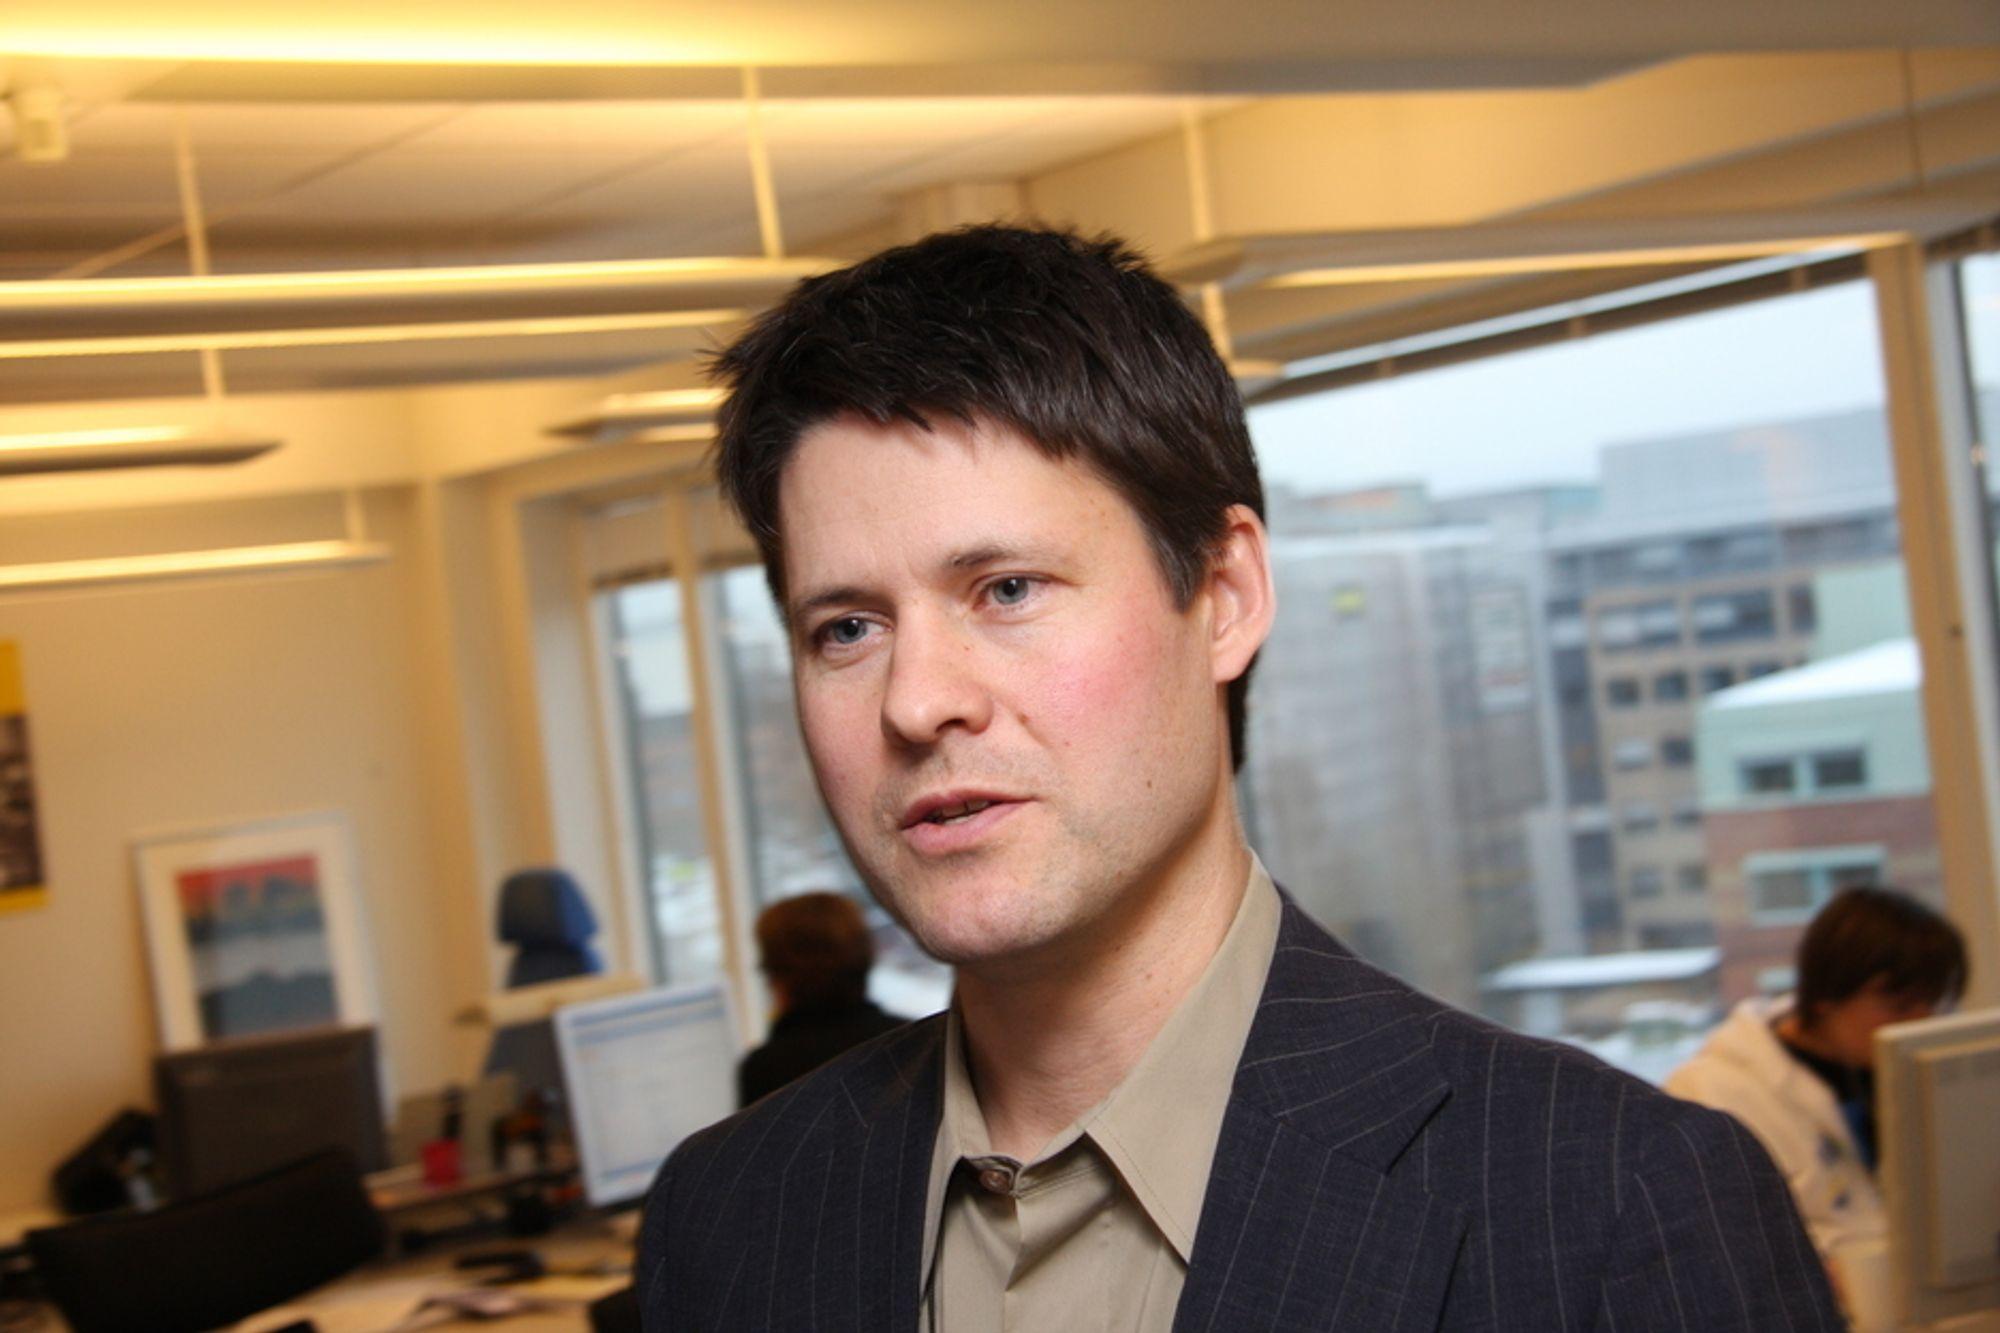 STOR: Logica og divisjonsdirektør Geir Glømmi har sikret seg store kontrakter de siste par månedene.